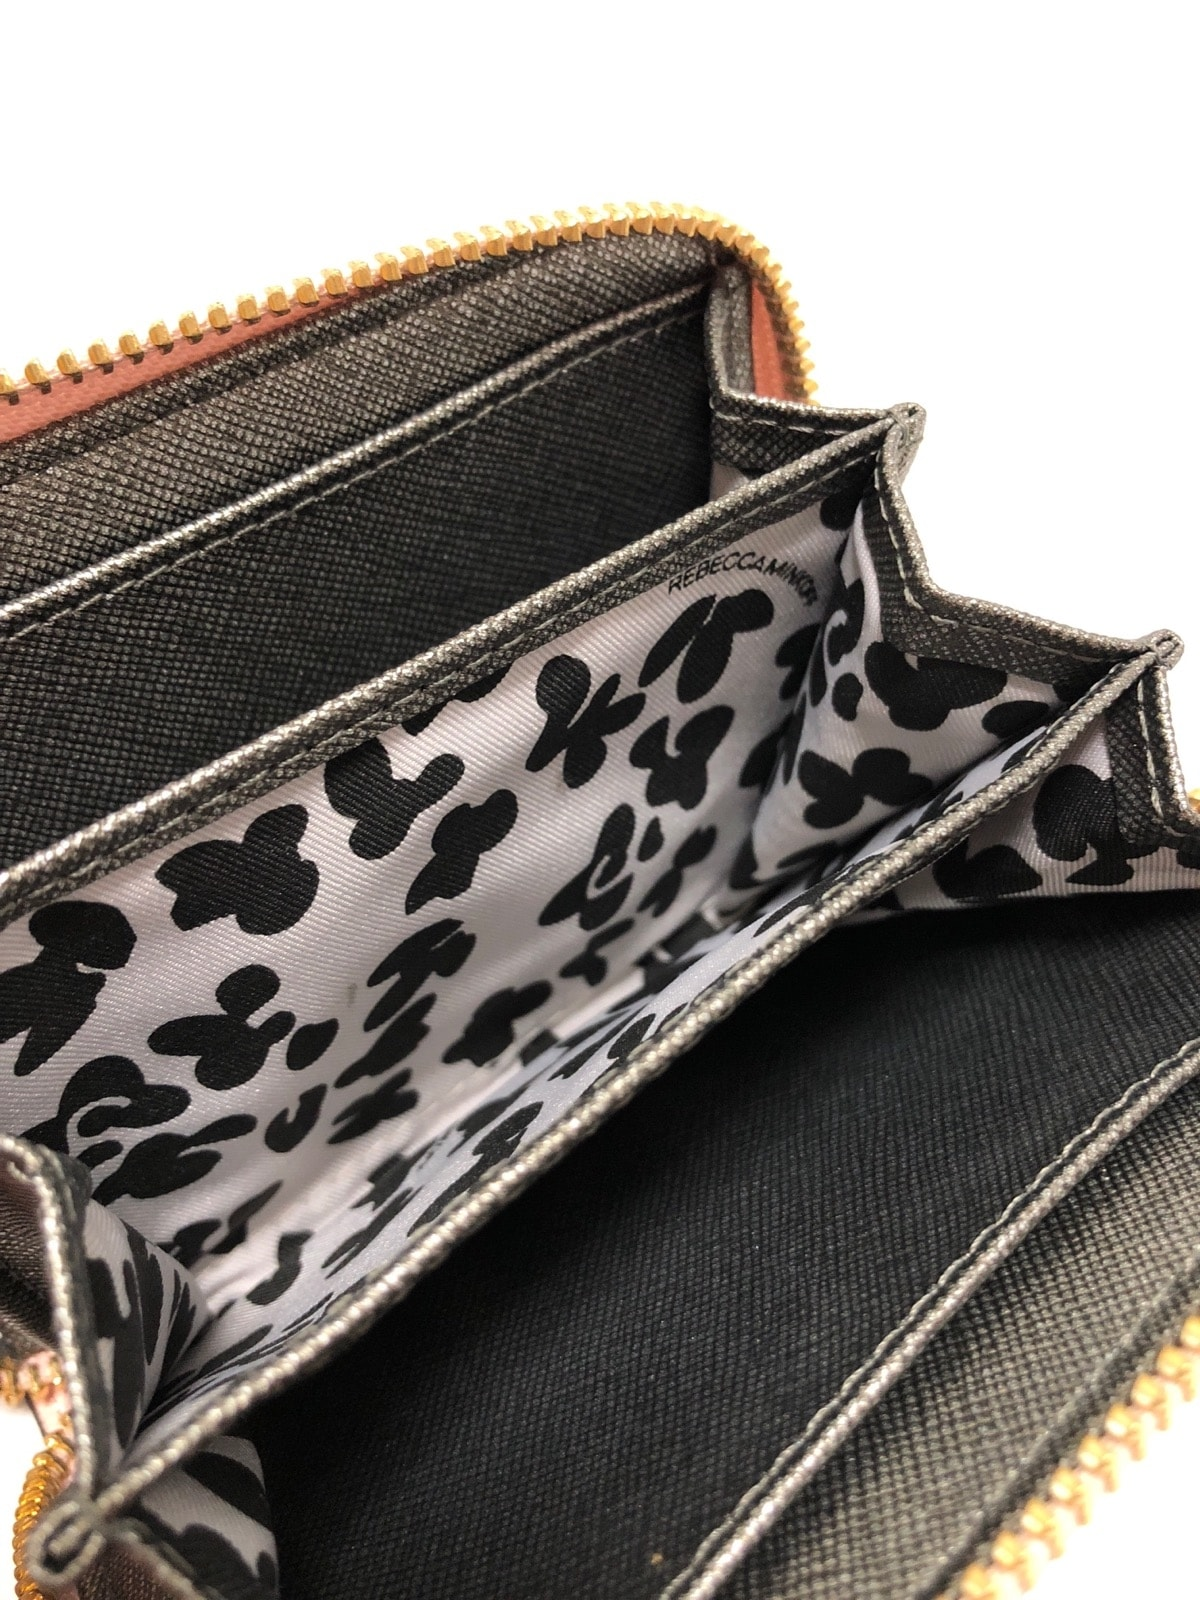 REBECCA MINKOFF(レベッカミンコフ)のその他財布